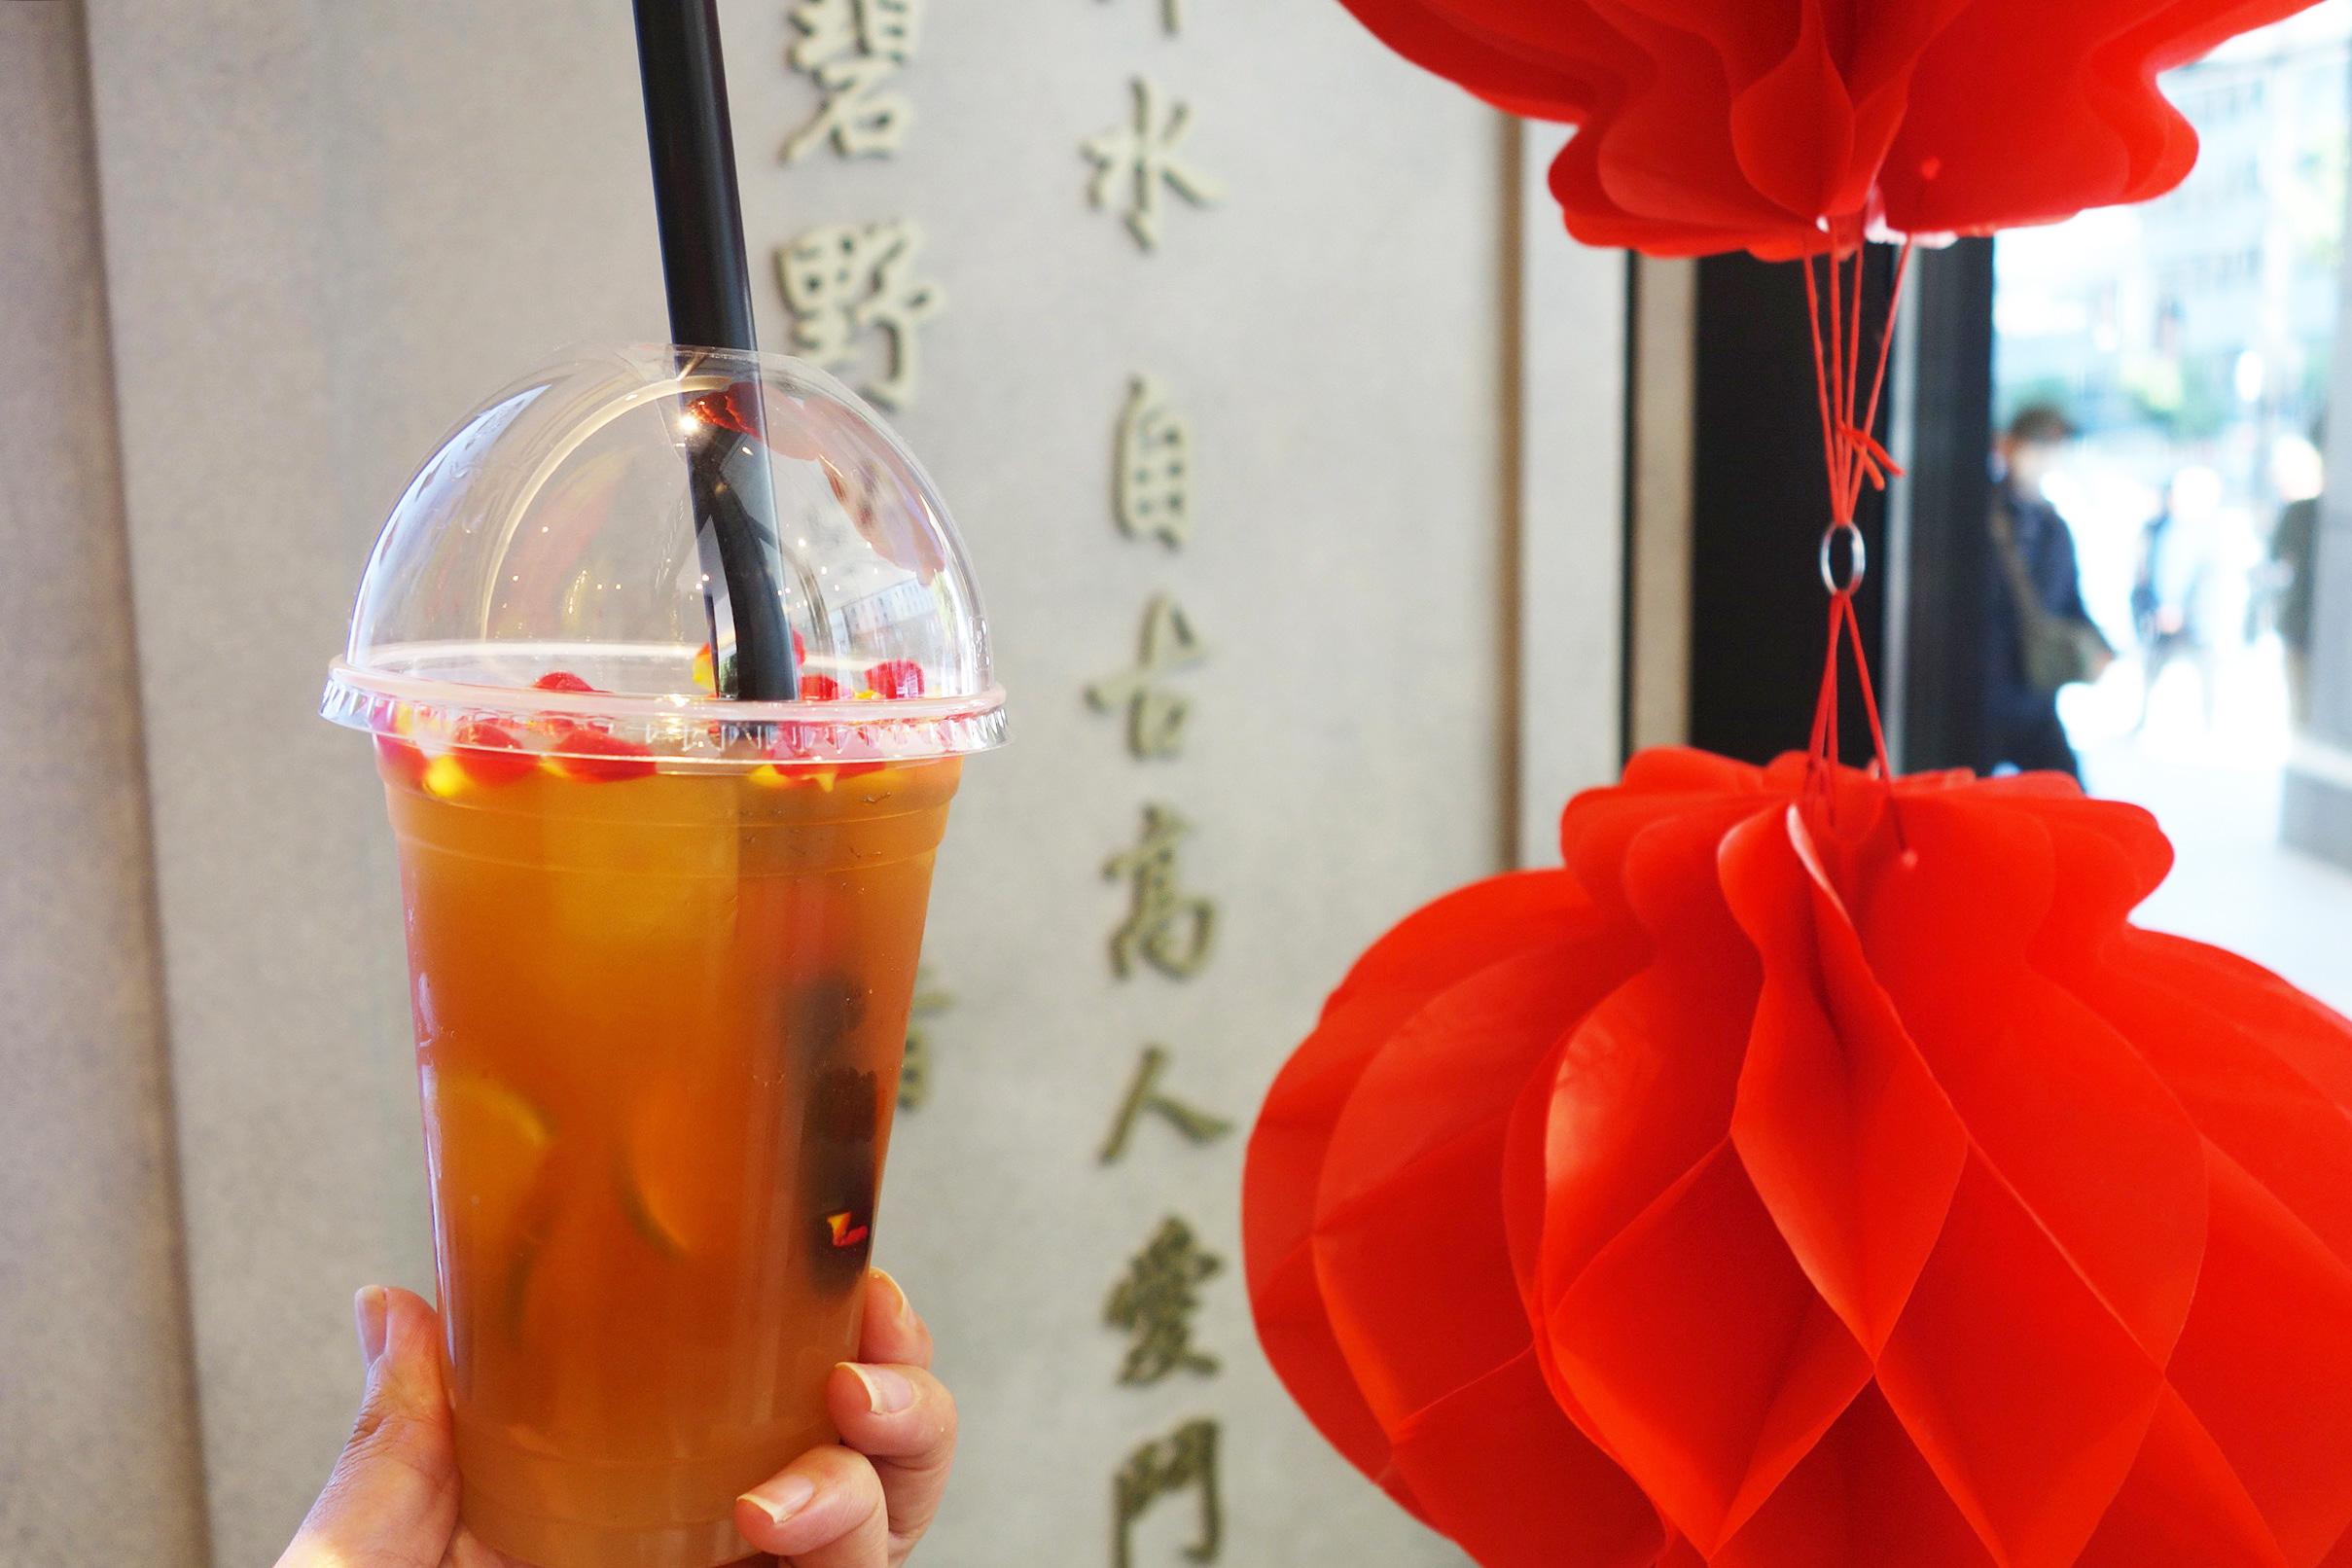 青茶にライチとライムを加えた「故郷(クゥーシャン)」780円をはじめ、フルーツティーは約4種